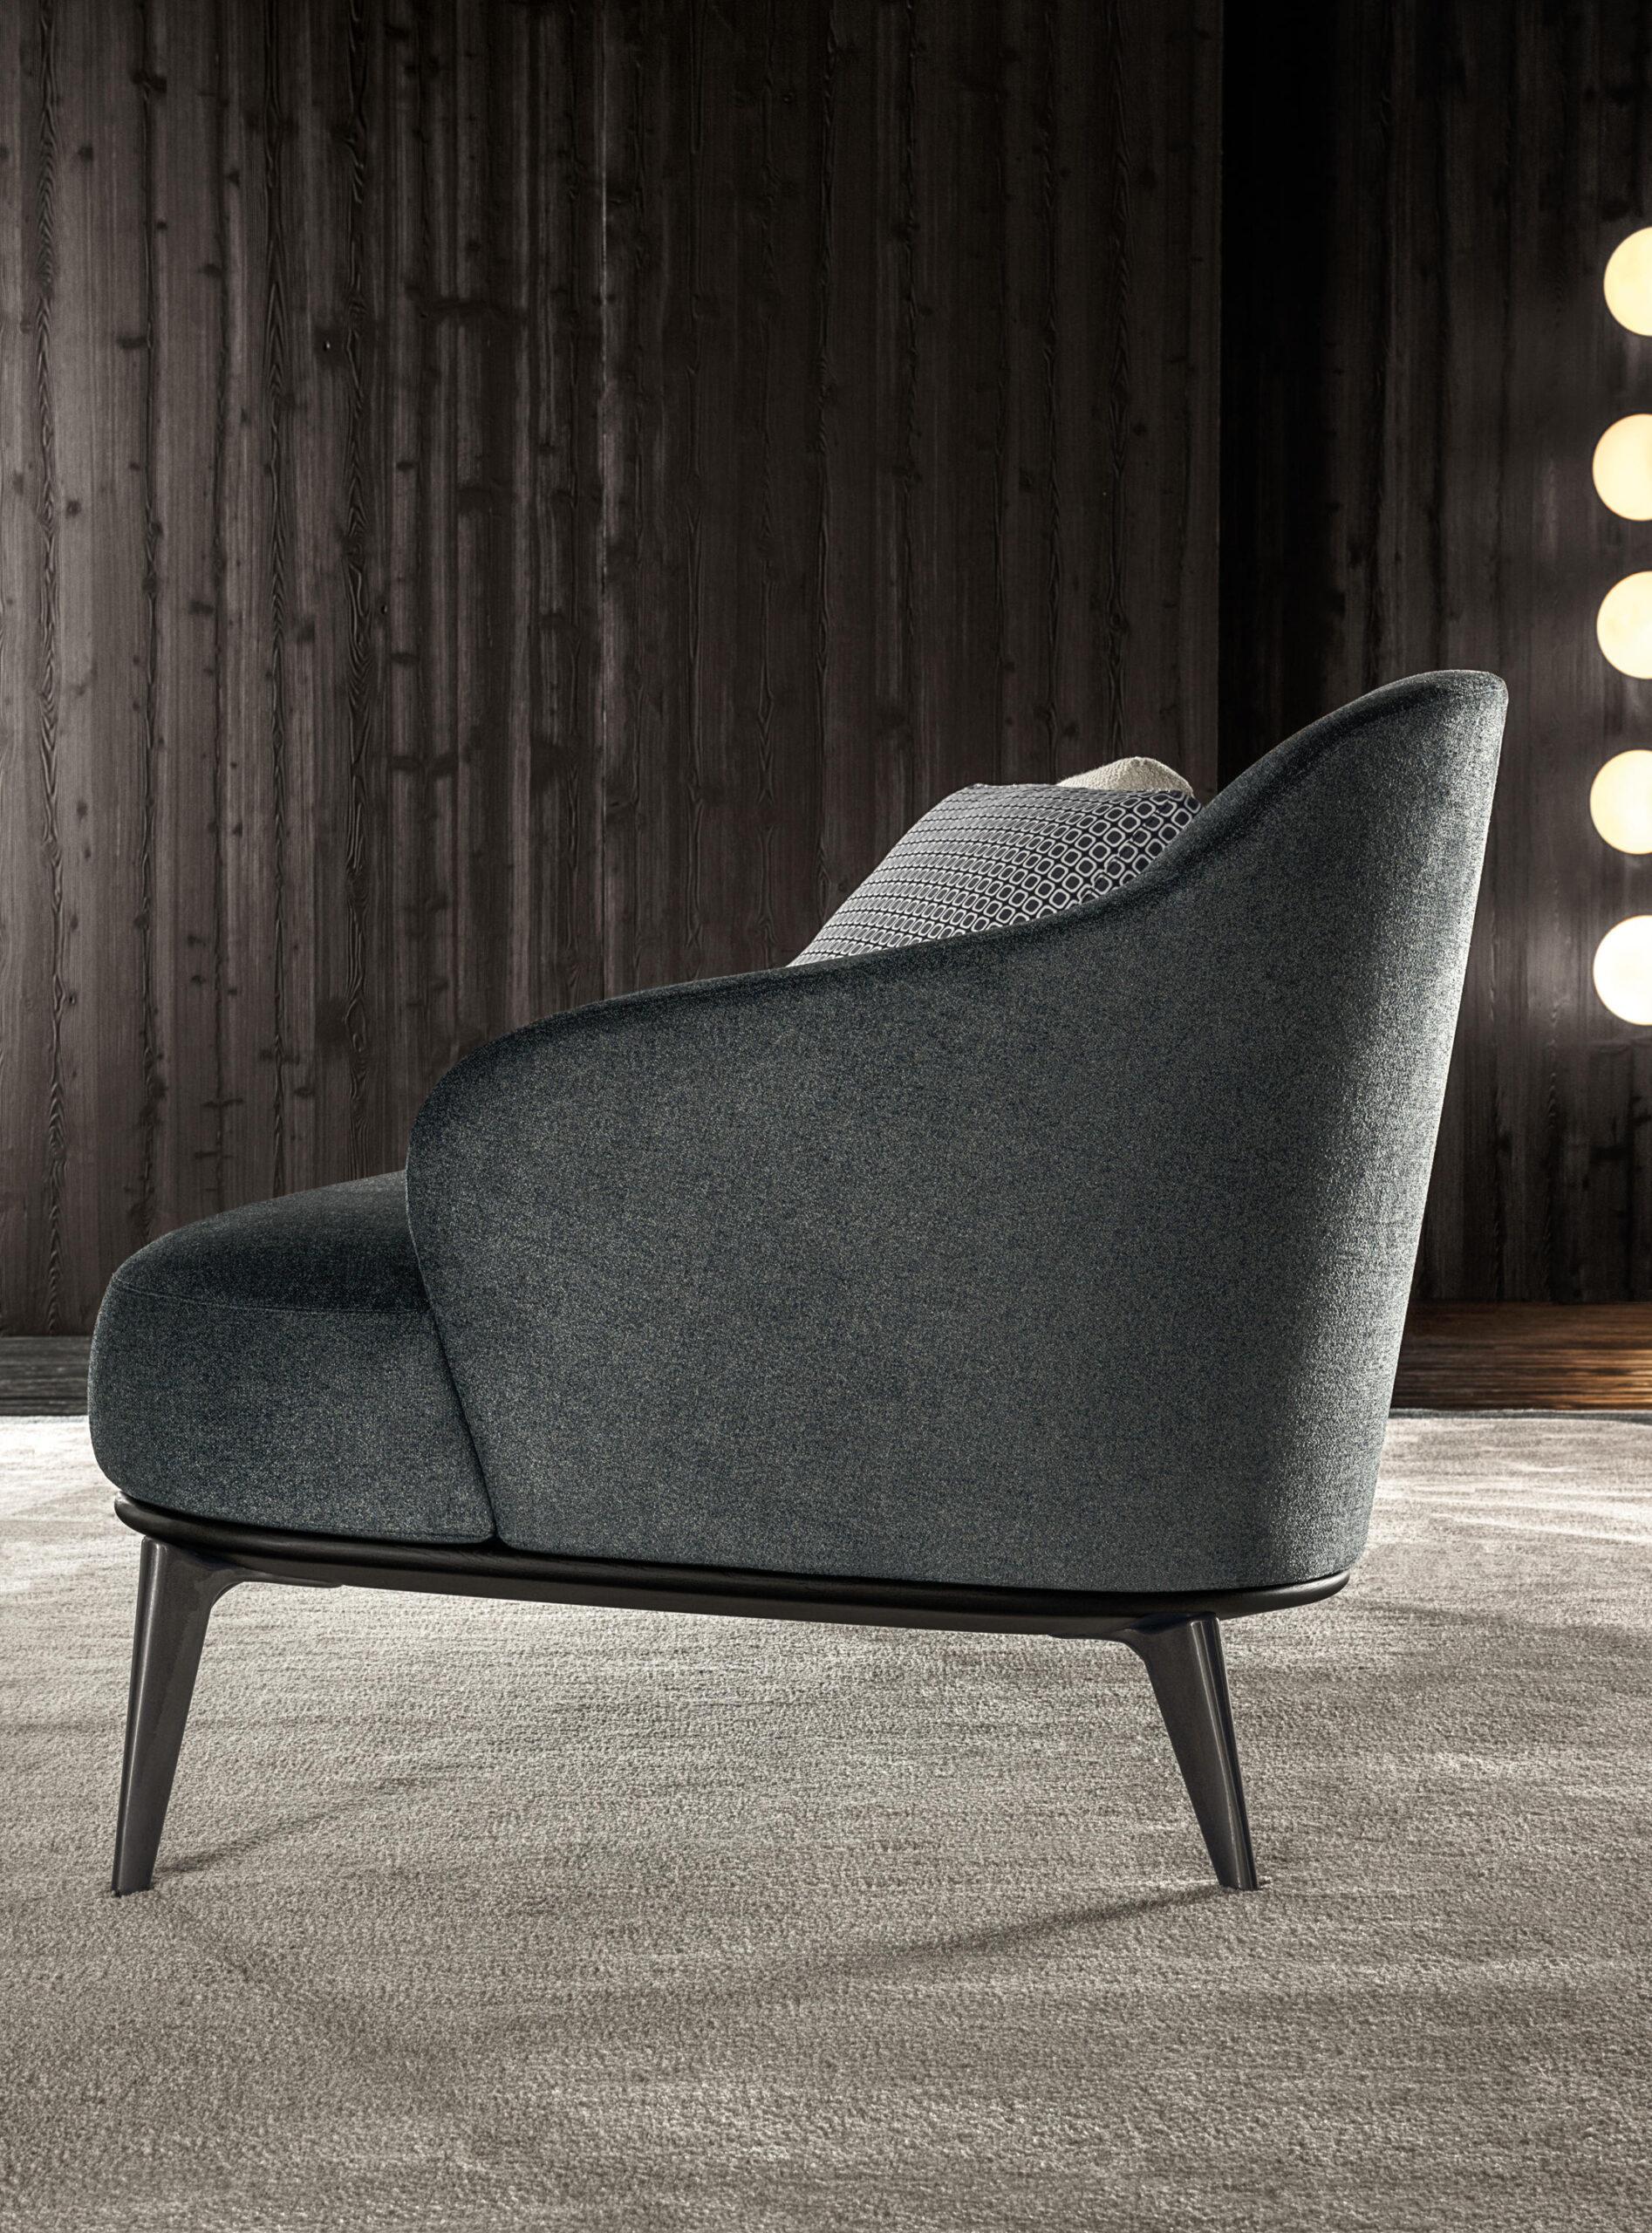 Full Size of Mokumuku Franz Kaufen Bullfrog Sessel Sofa Bezug Wohnzimmer Einrichtungsvorschlge Fertig Französische Betten Wohnzimmer Mokumuku Franz